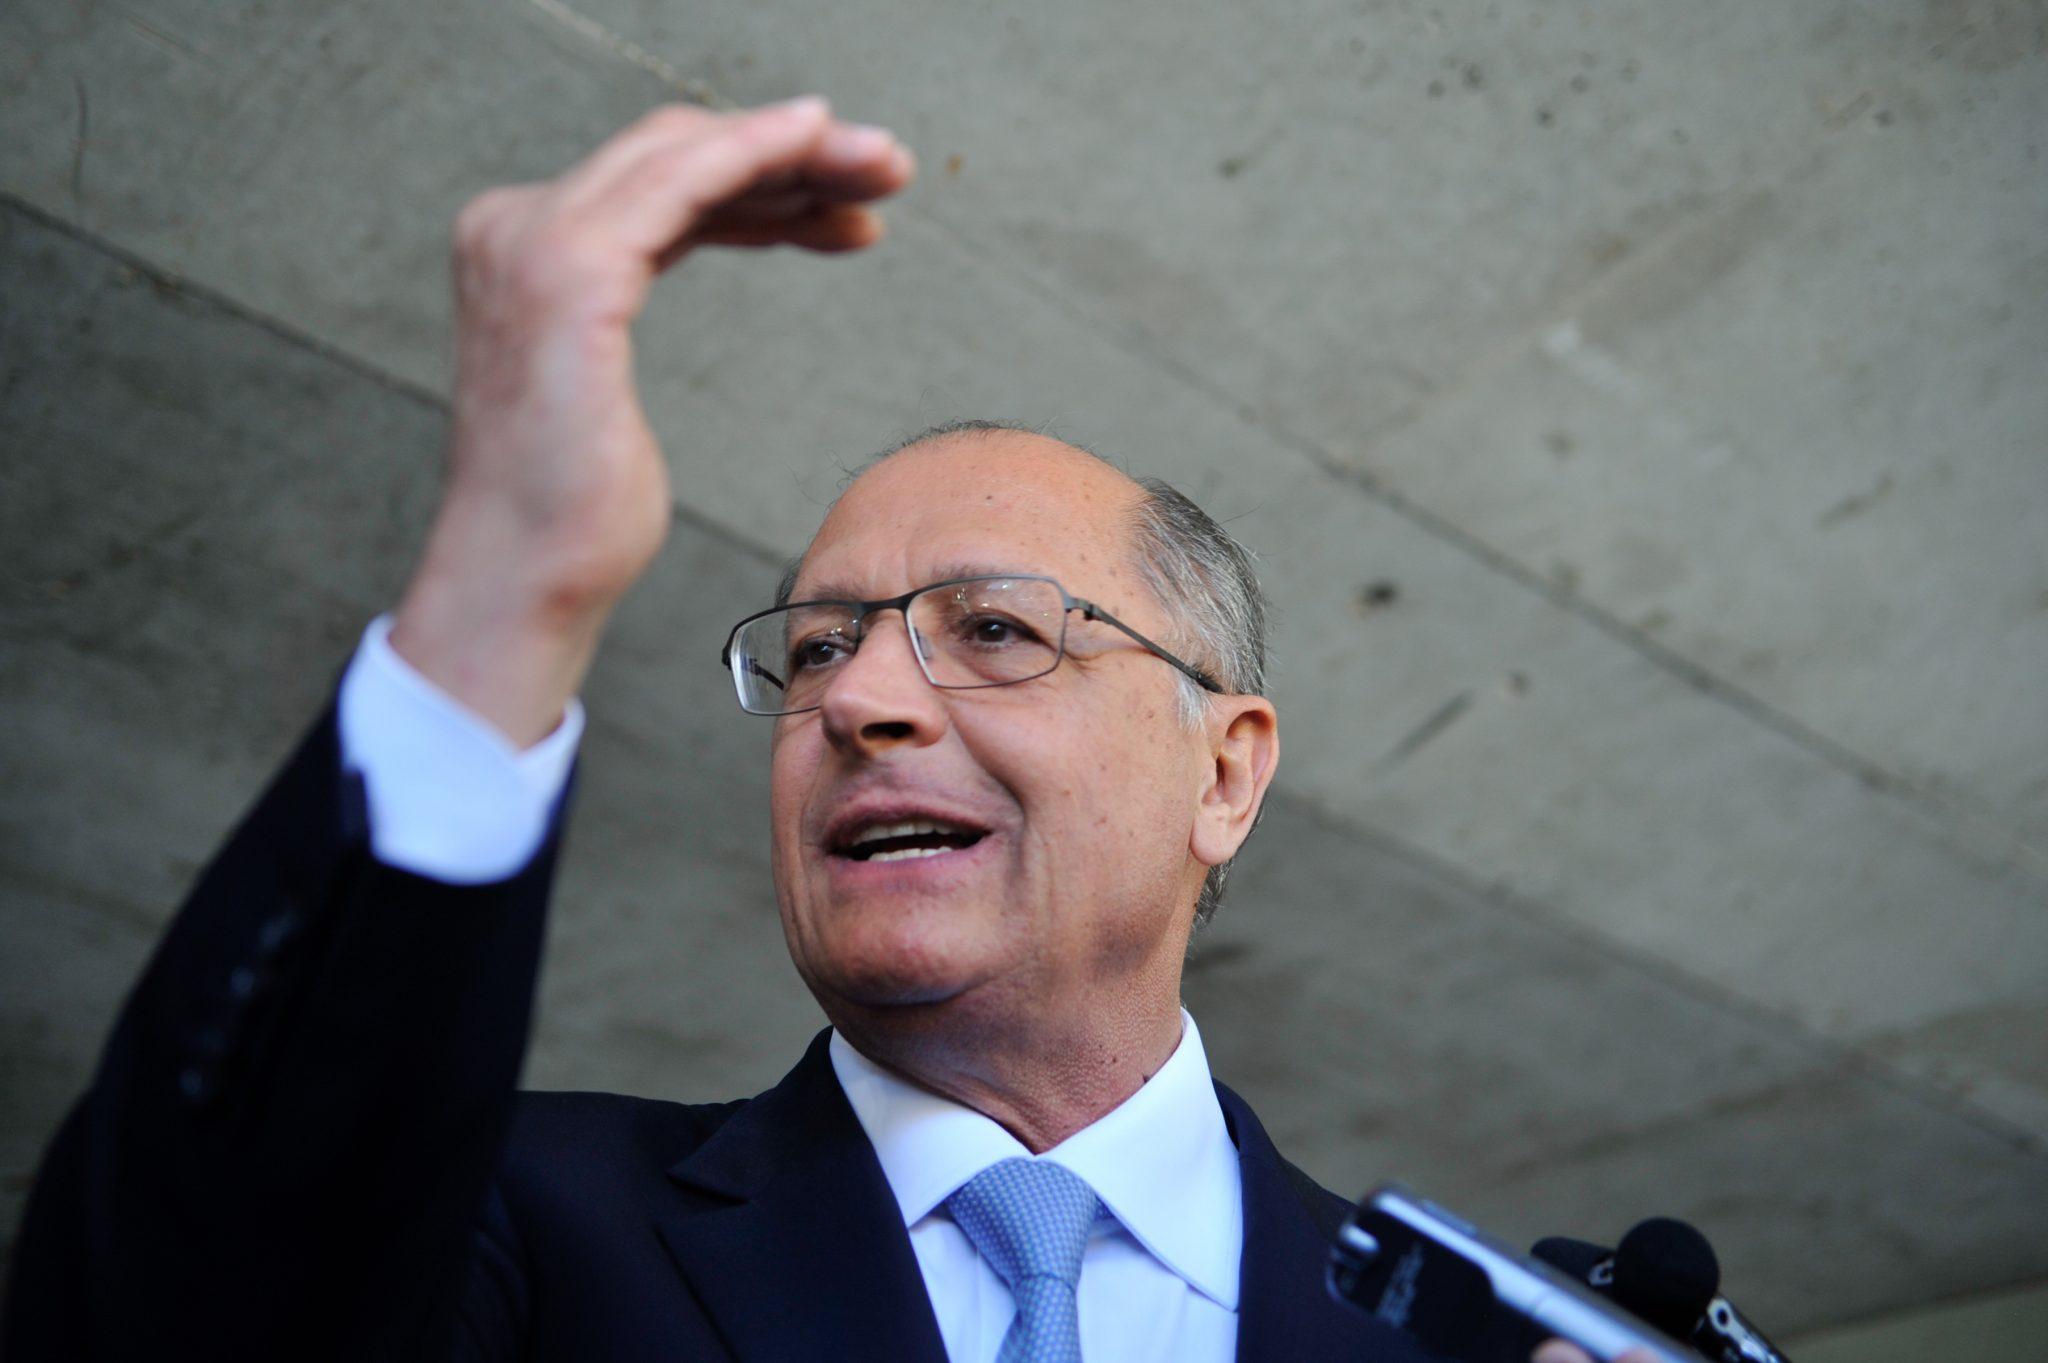 IMAGEM: Candidatura de Alckmin fora do PSDB 'mexe com a cabeça' dos tucanos